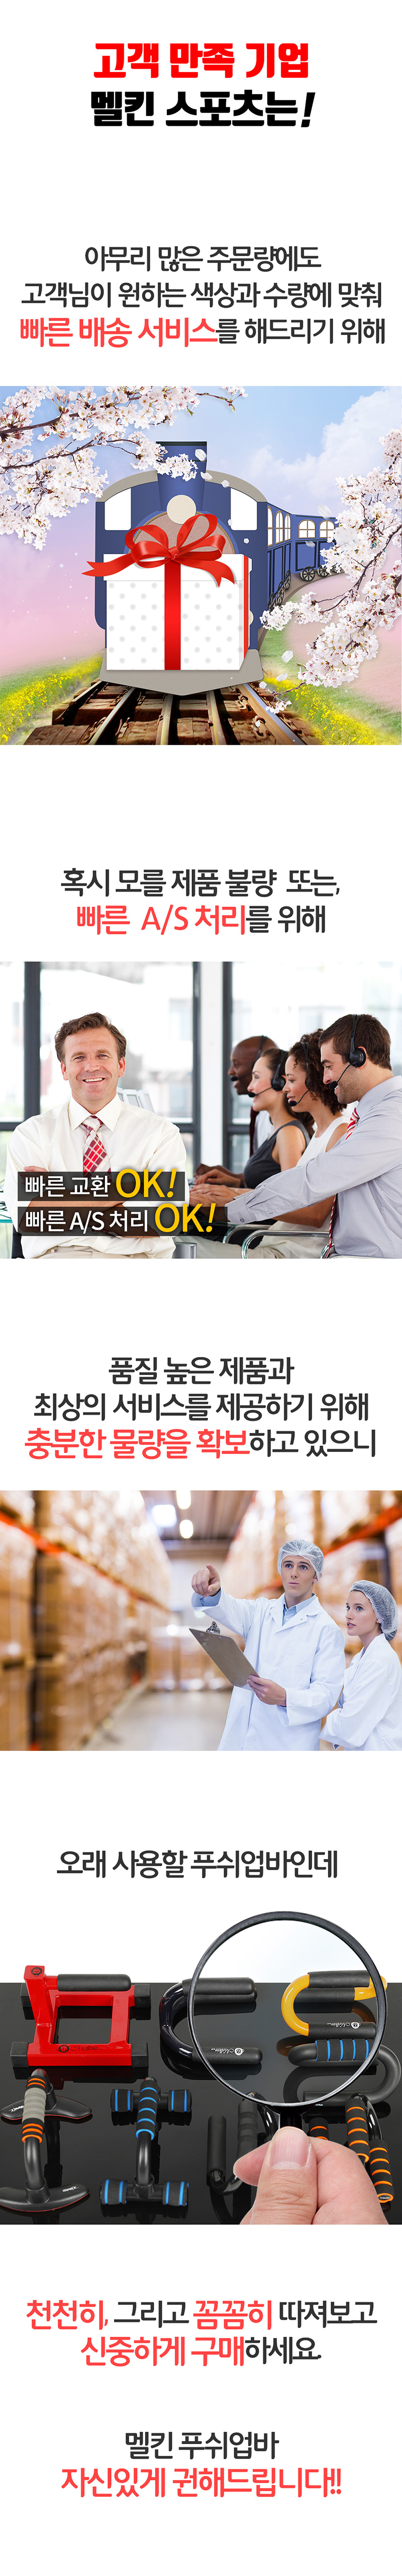 멜킨스포츠 스탠다드 푸쉬업바 파워라인H - 멜킨스포츠, 10,200원, 운동기구/소품, 운동기구